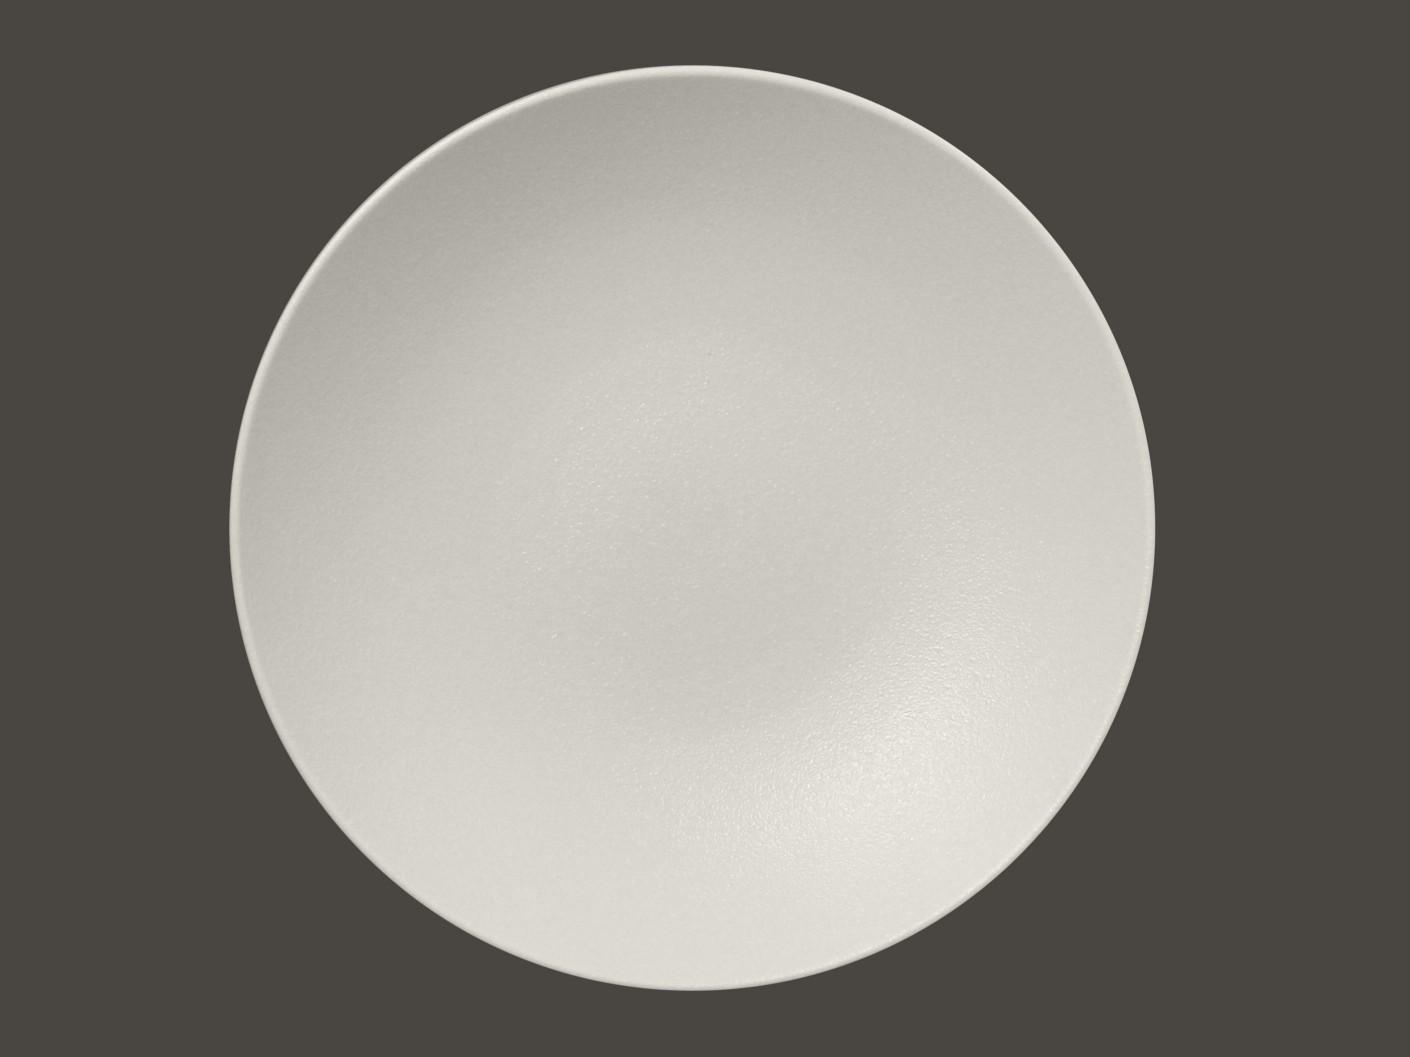 hluboký coupe talíř - bílá Neofusion